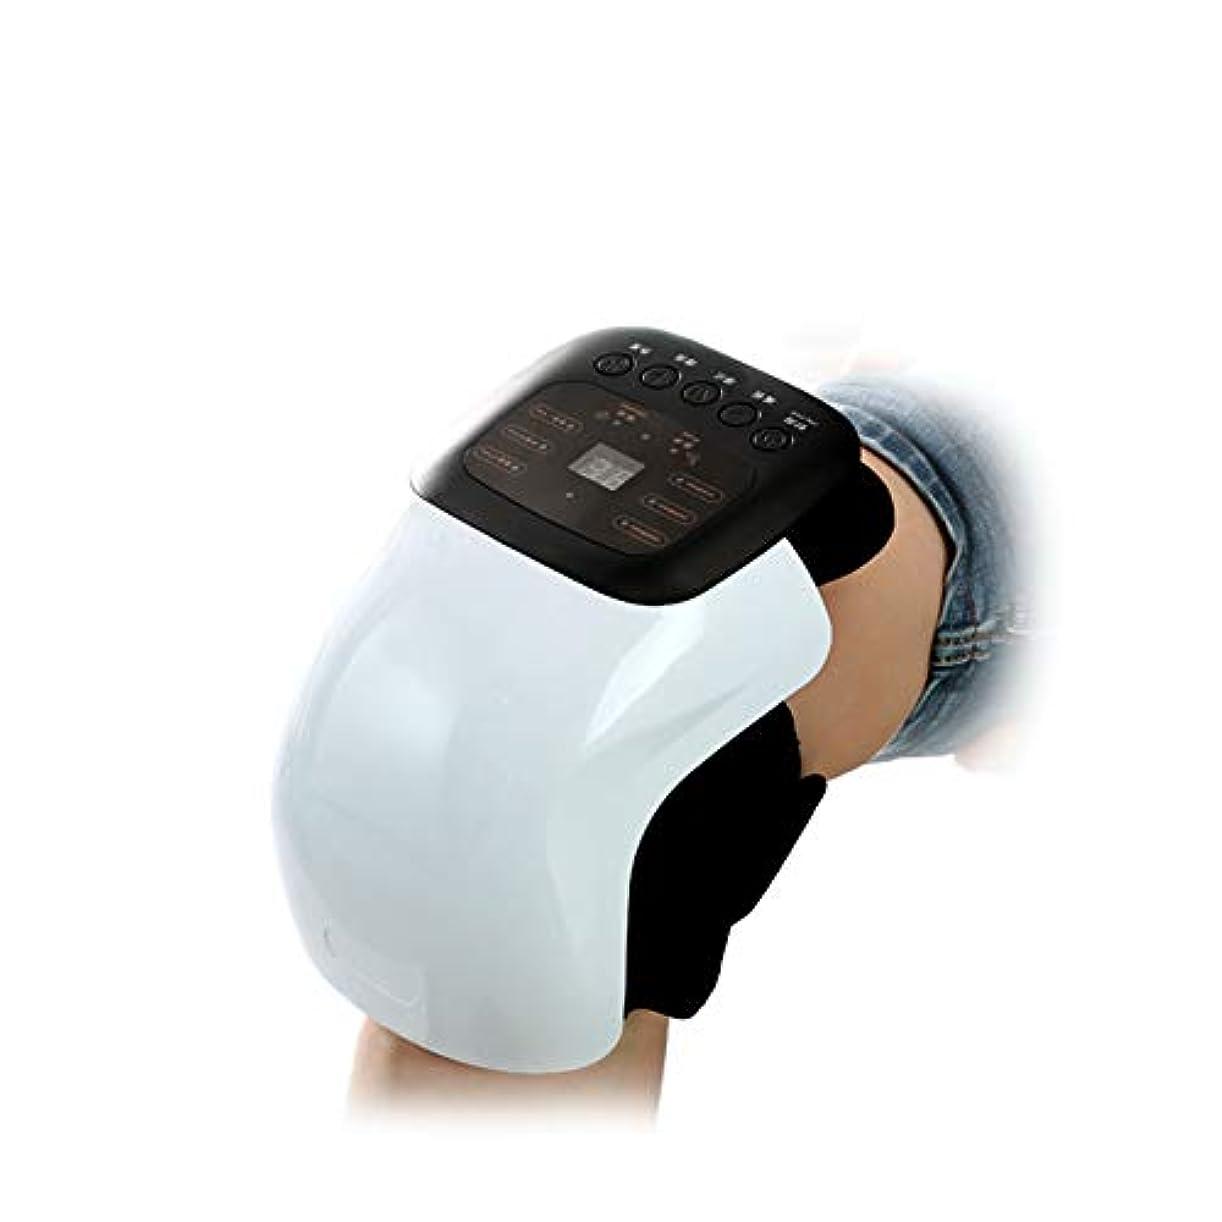 移住するバンガローシロクマ変形性関節症リウマチ関節炎、電気痛緩和ケア用品のためのパルス、振動、加熱を伴うスマートニー理学療法マッサージ器